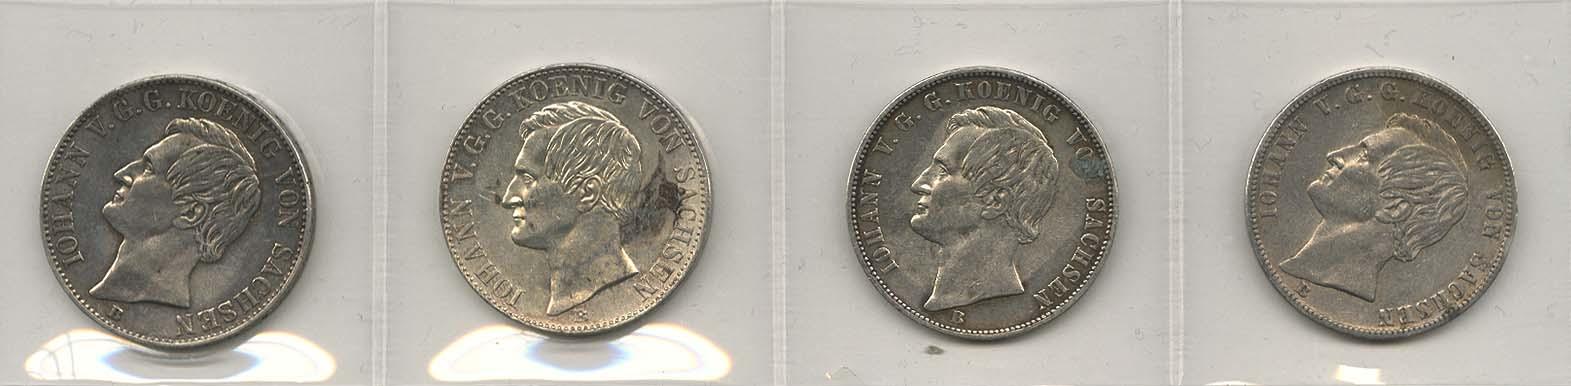 Lot 9151 - sammlungen Deutschland 1800-1871 -  Auktionshaus Ulrich Felzmann GmbH & Co. KG Coins single lots